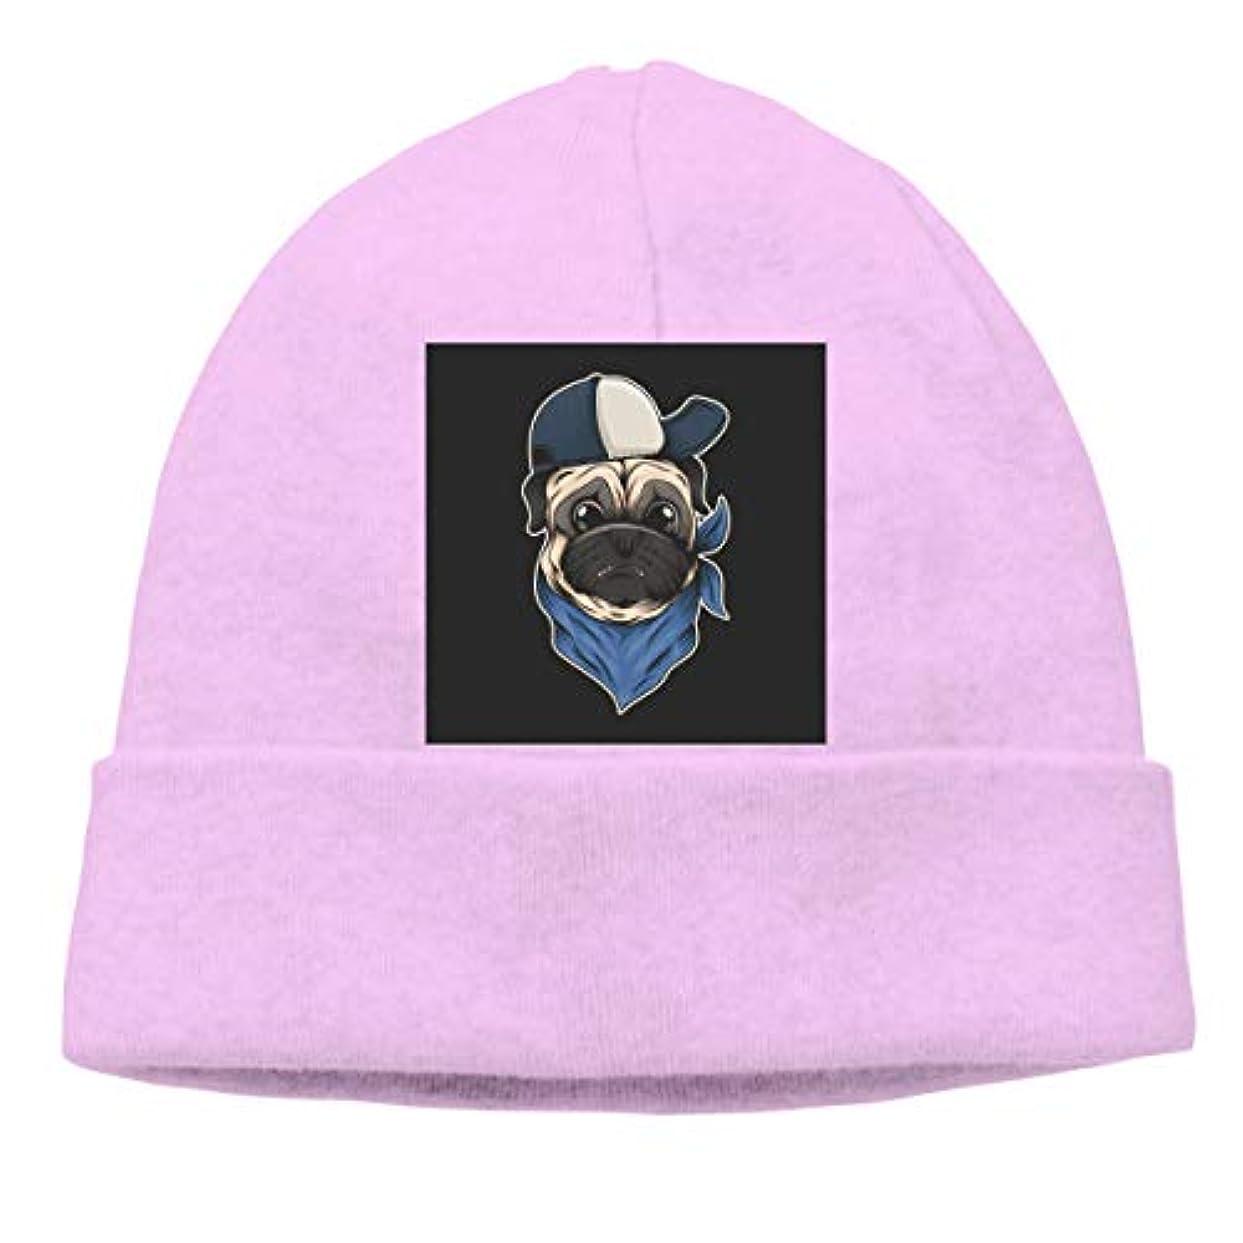 不機嫌咳博物館パグ犬の帽子とバンダナベクトル病気 - 副本 チ性抜群 通気性抜群 柔らかい 防風 無地 優れた弾力性 フェードしません 男性用と女性用のキャップ